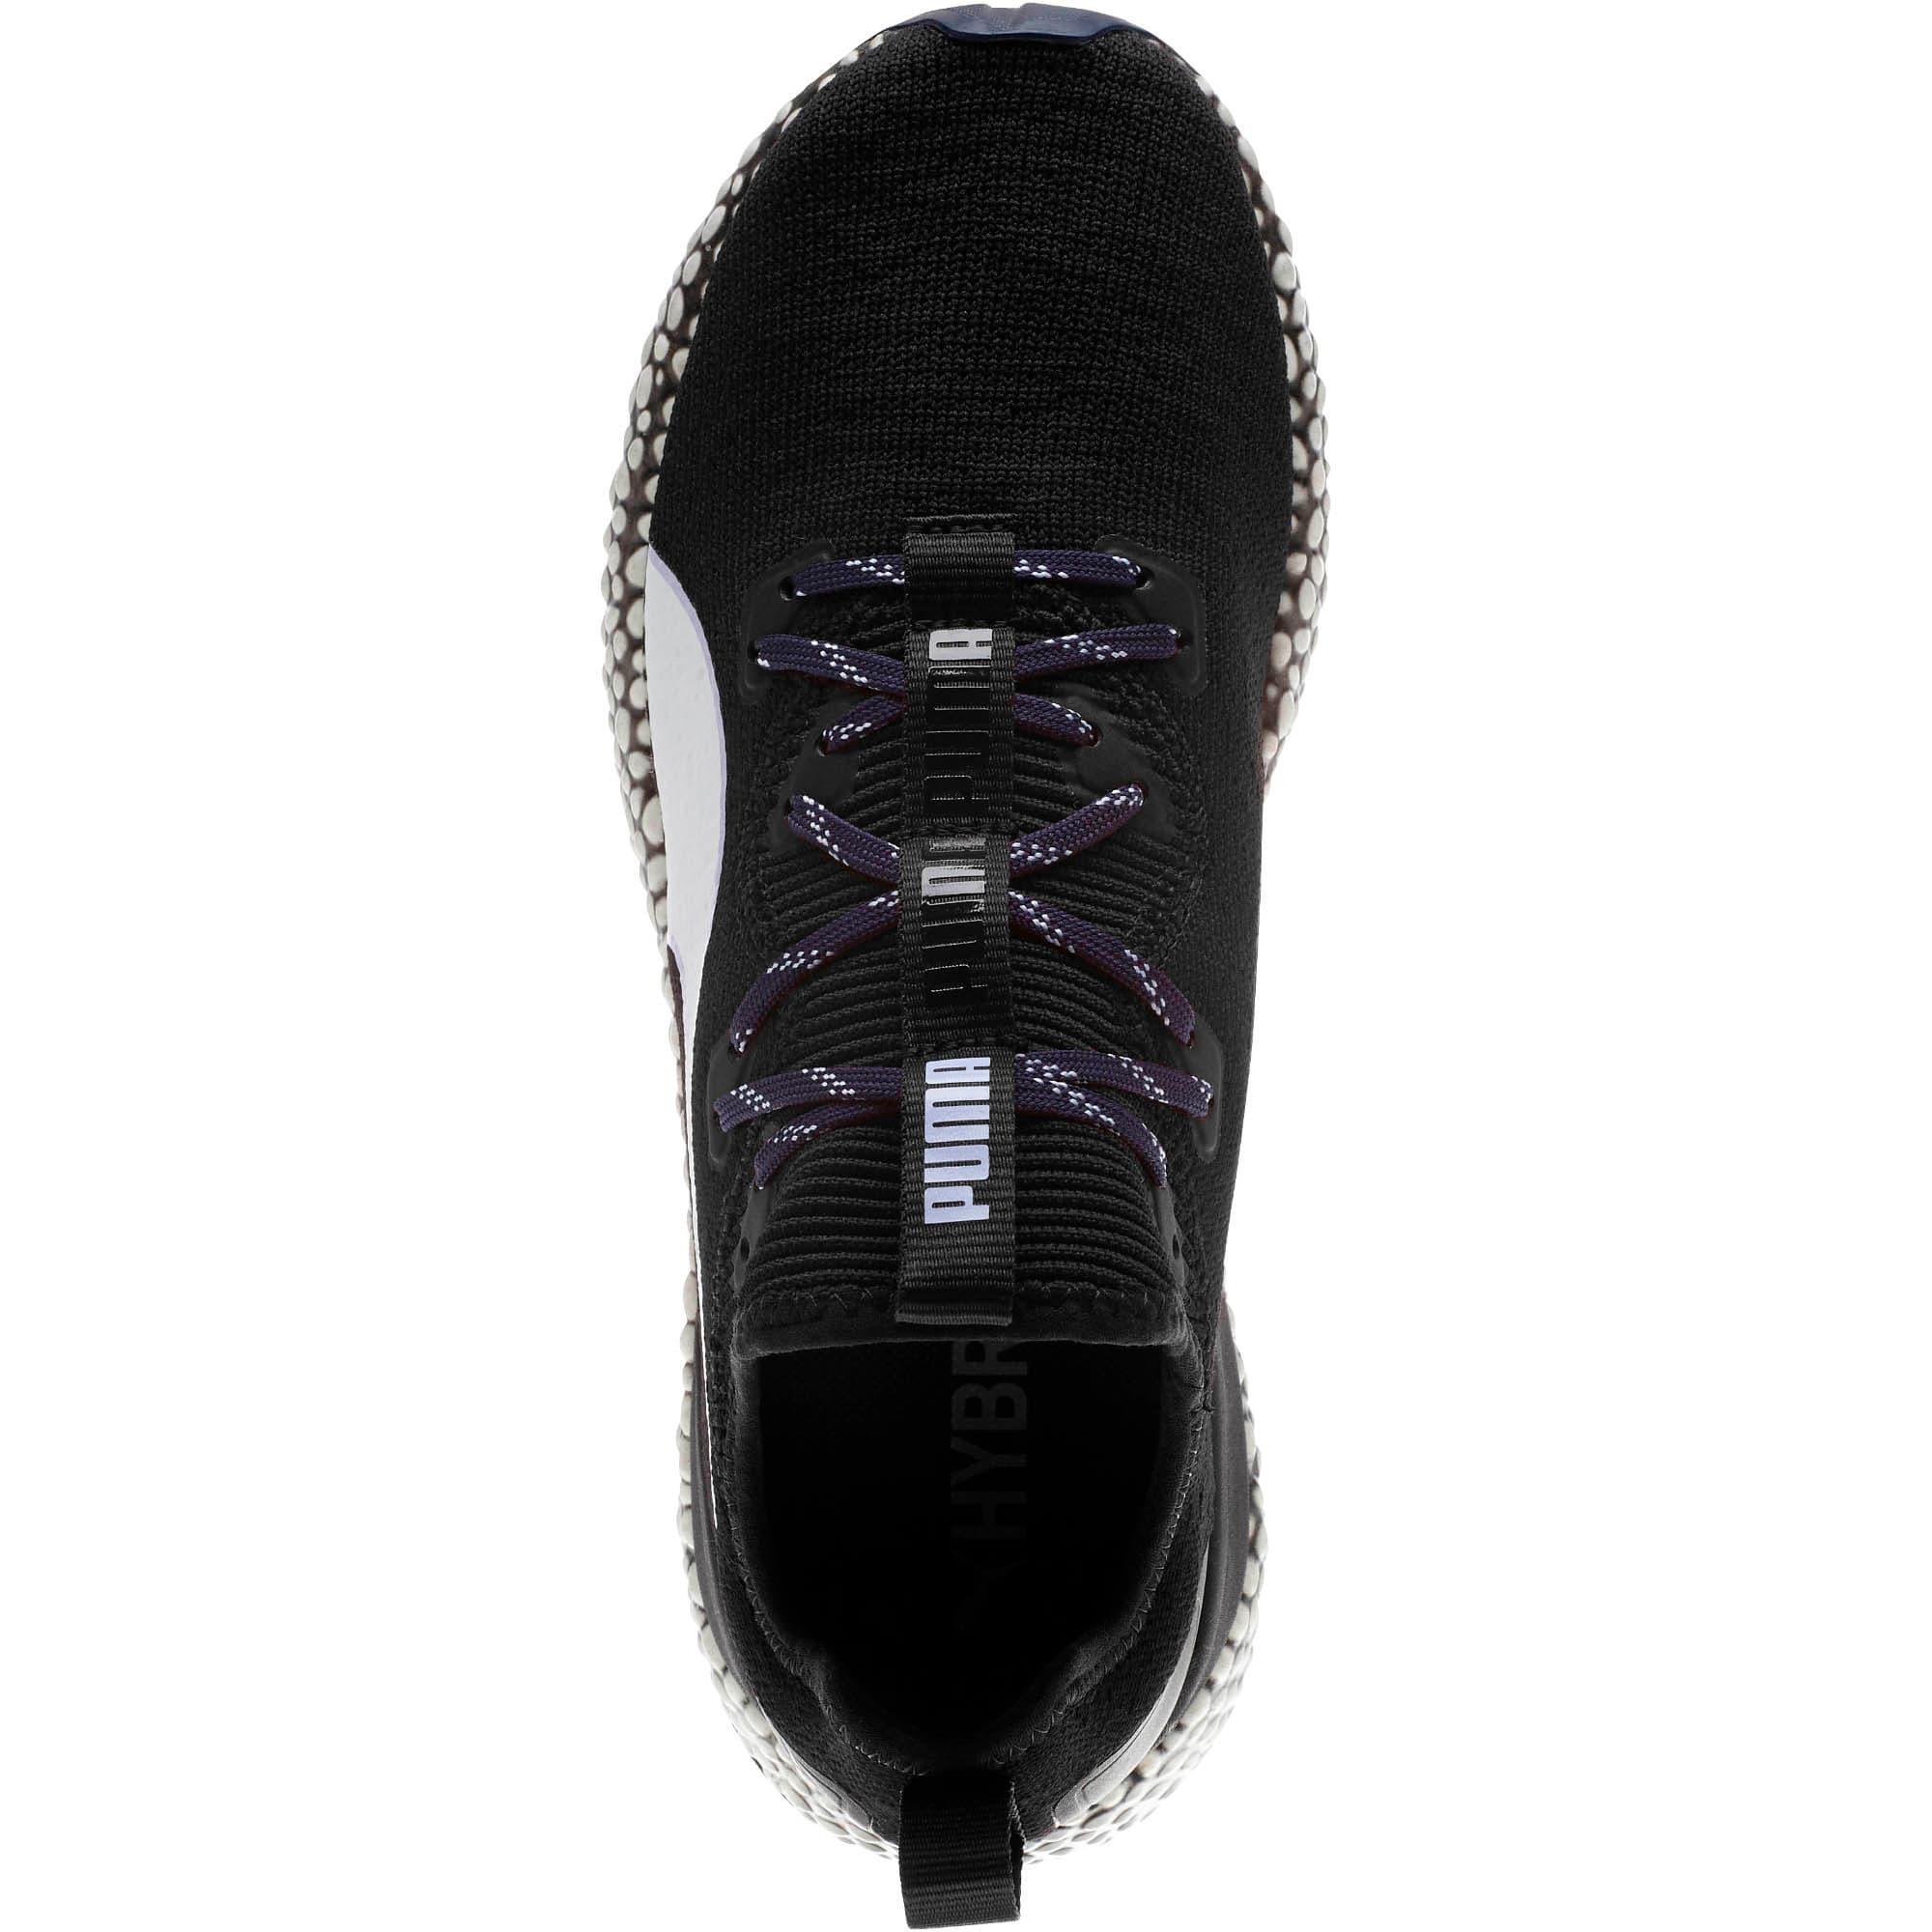 Thumbnail 6 of HYBRID Runner Women's Running Shoes, Peacoat-Sweet Lavender, medium